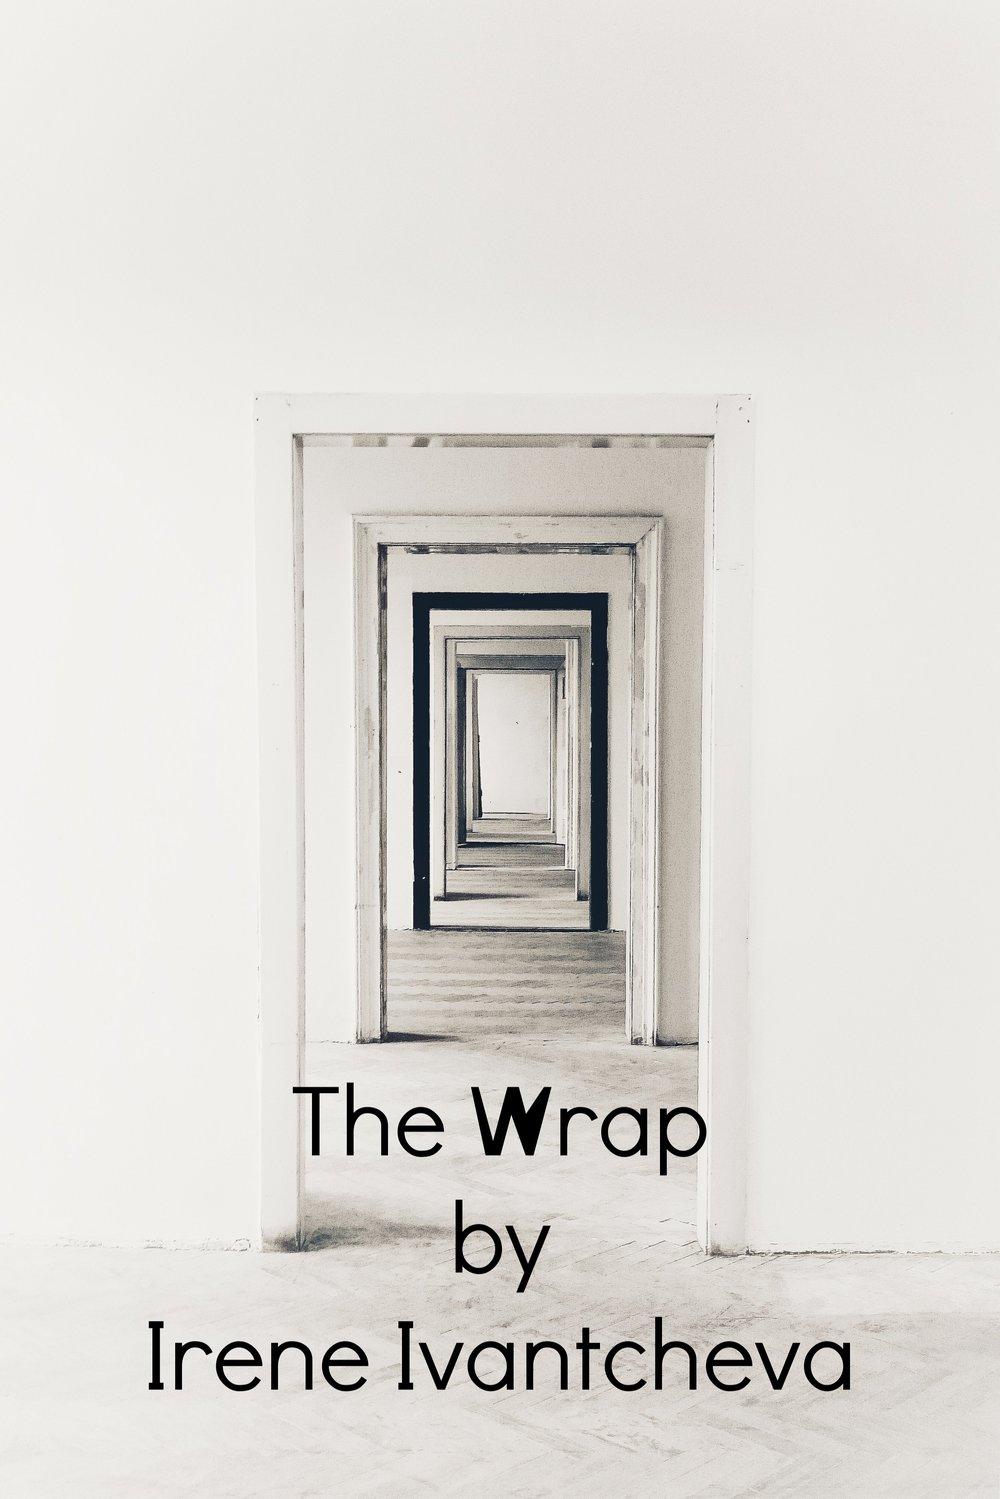 The Wrap by Irene Ivantcheva